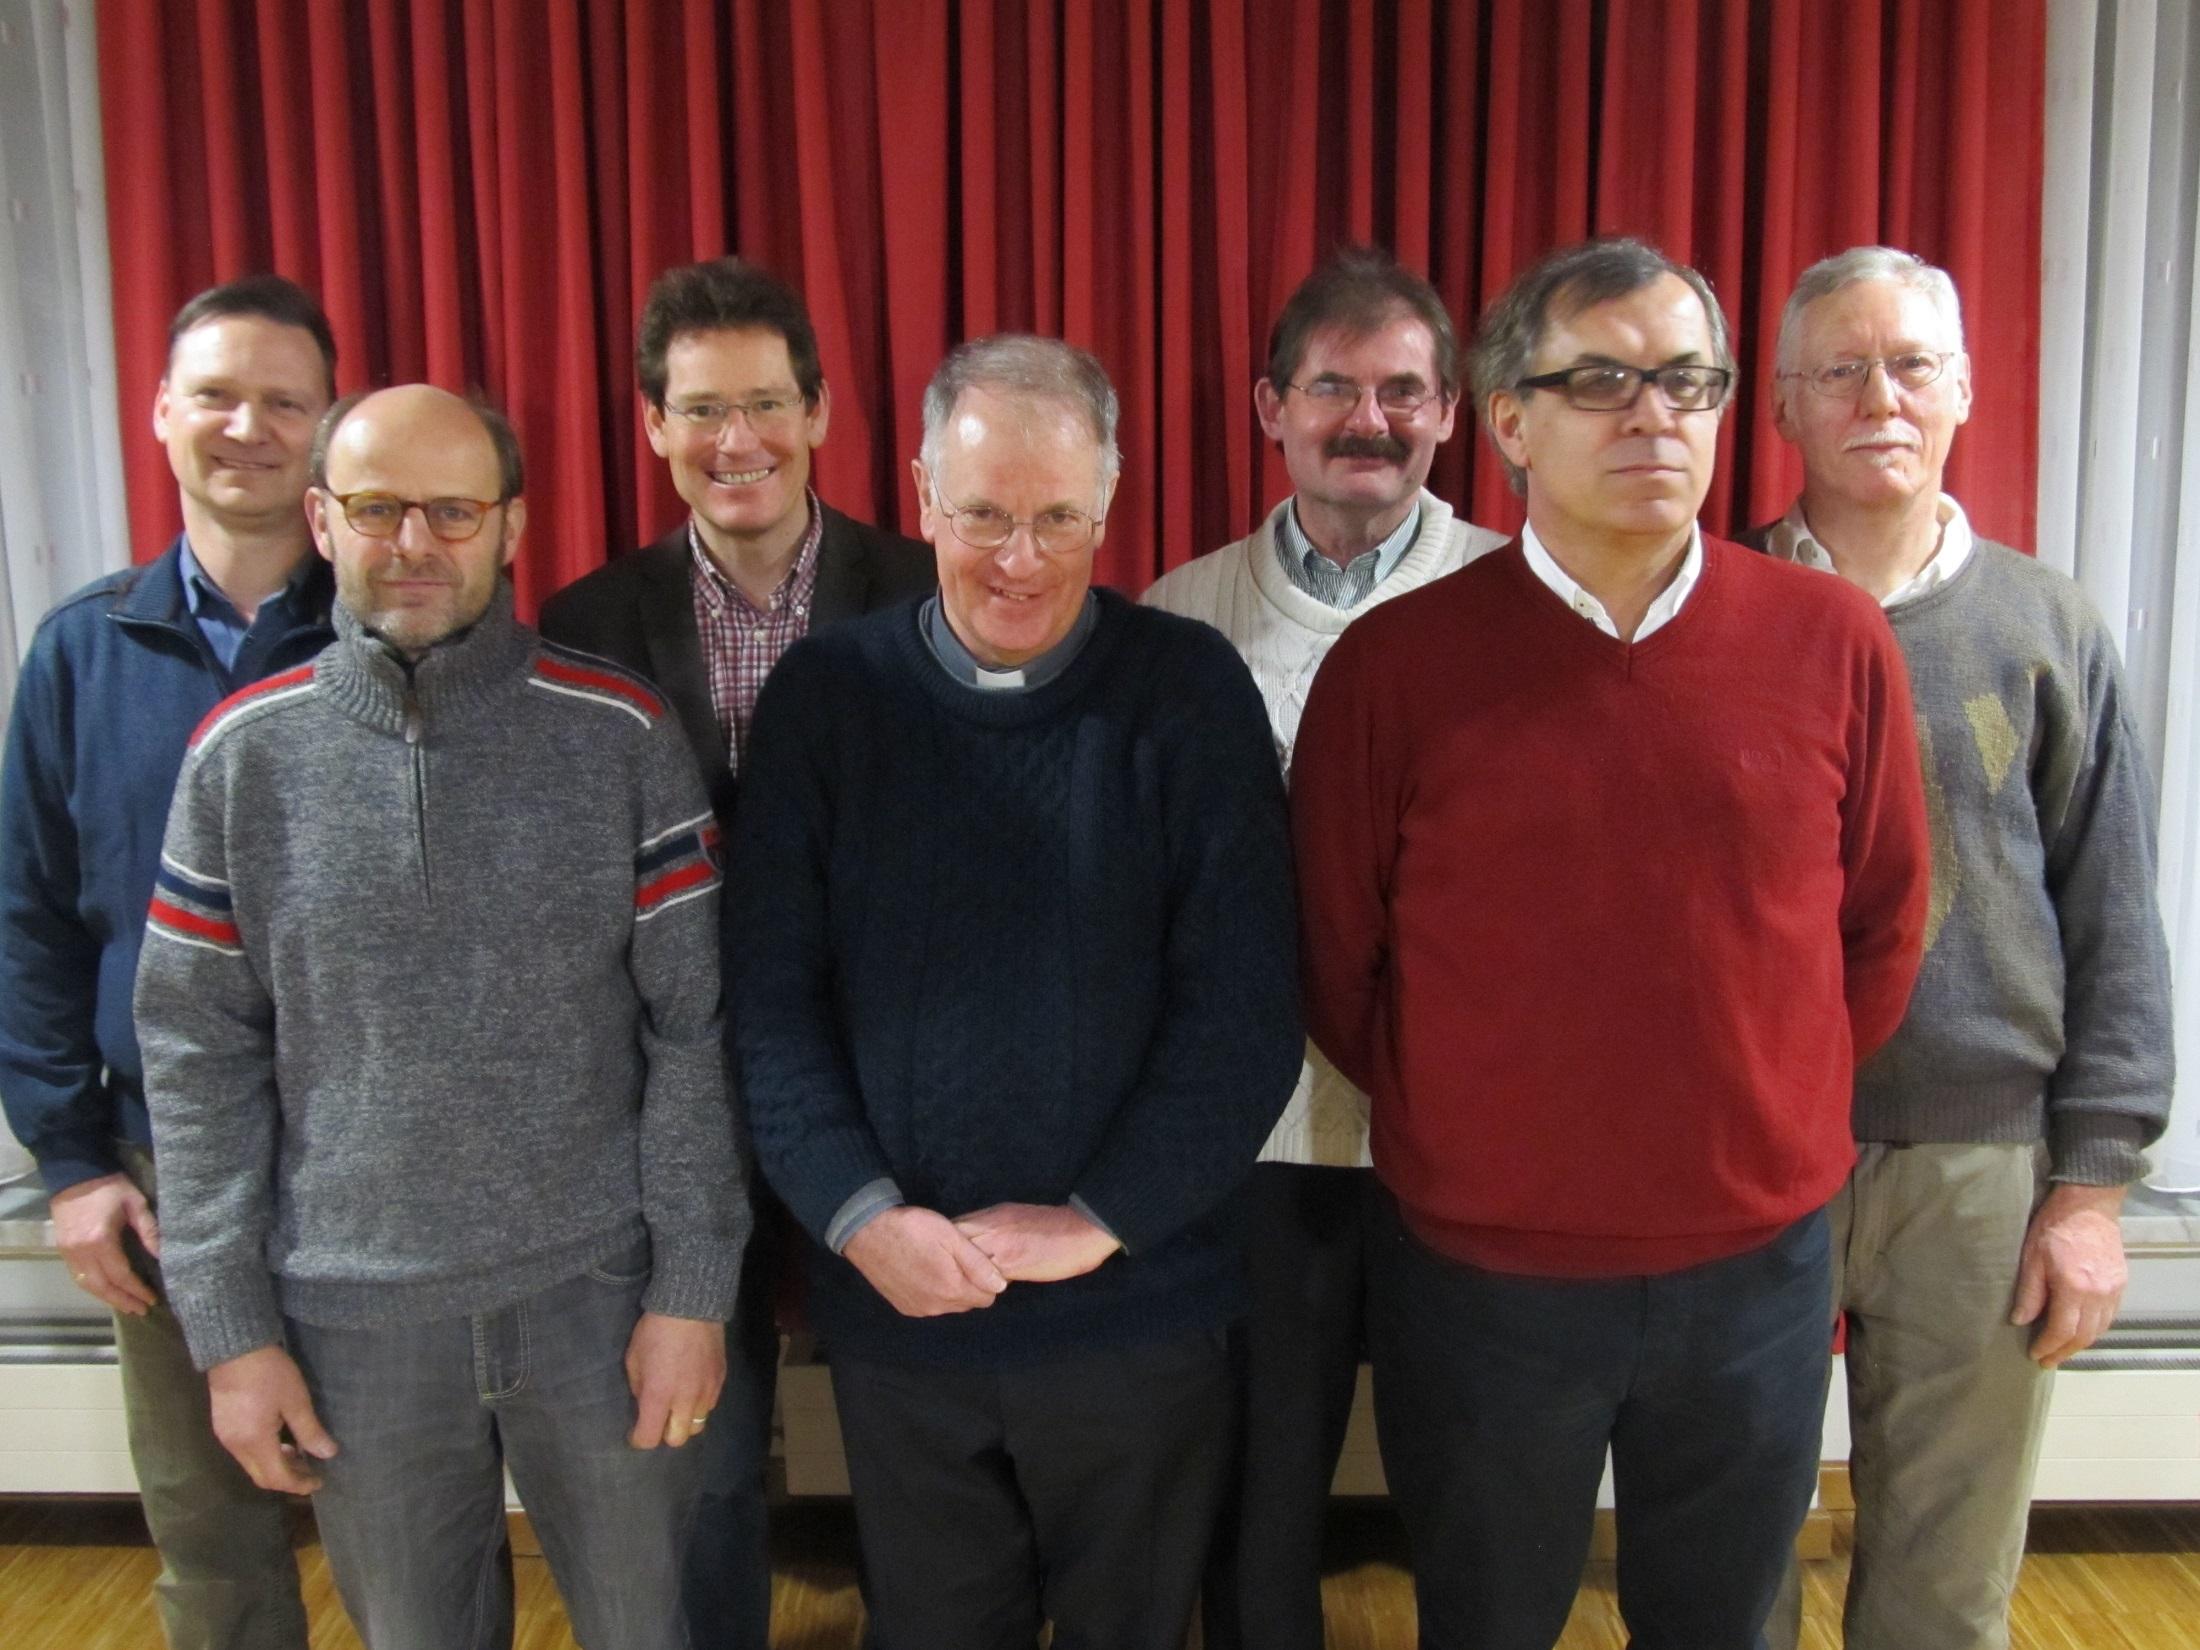 vlnr. M. Trenker, Ch. Wittmann, A. Eggert, P. Bernhard, J. Gebele, Z. Strika, J. Schuster